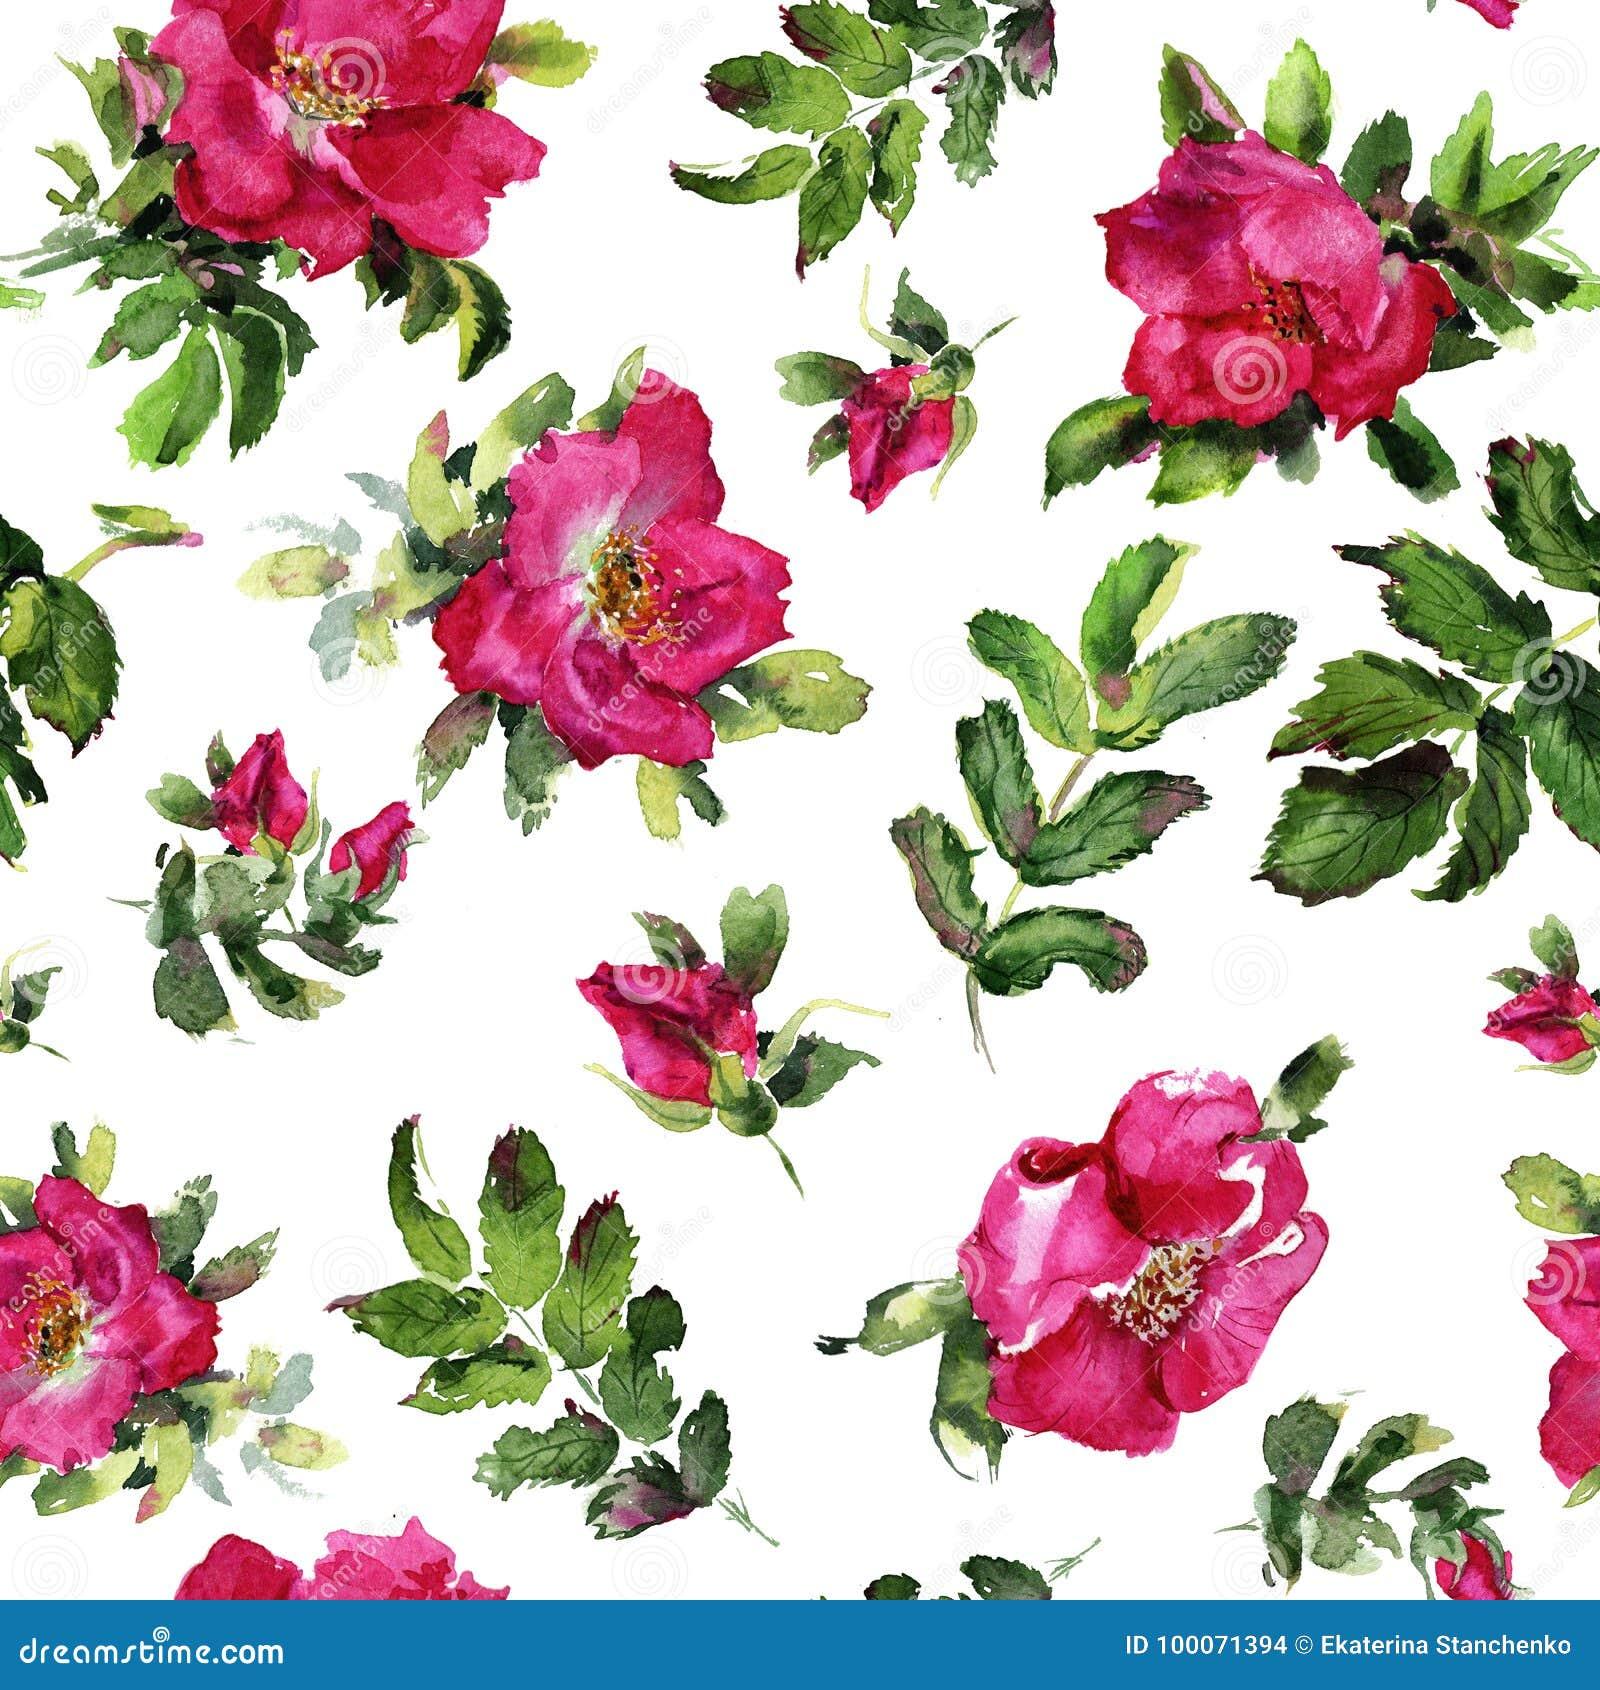 Briar Rose flowers handmade watercolor seamless pattern gentle